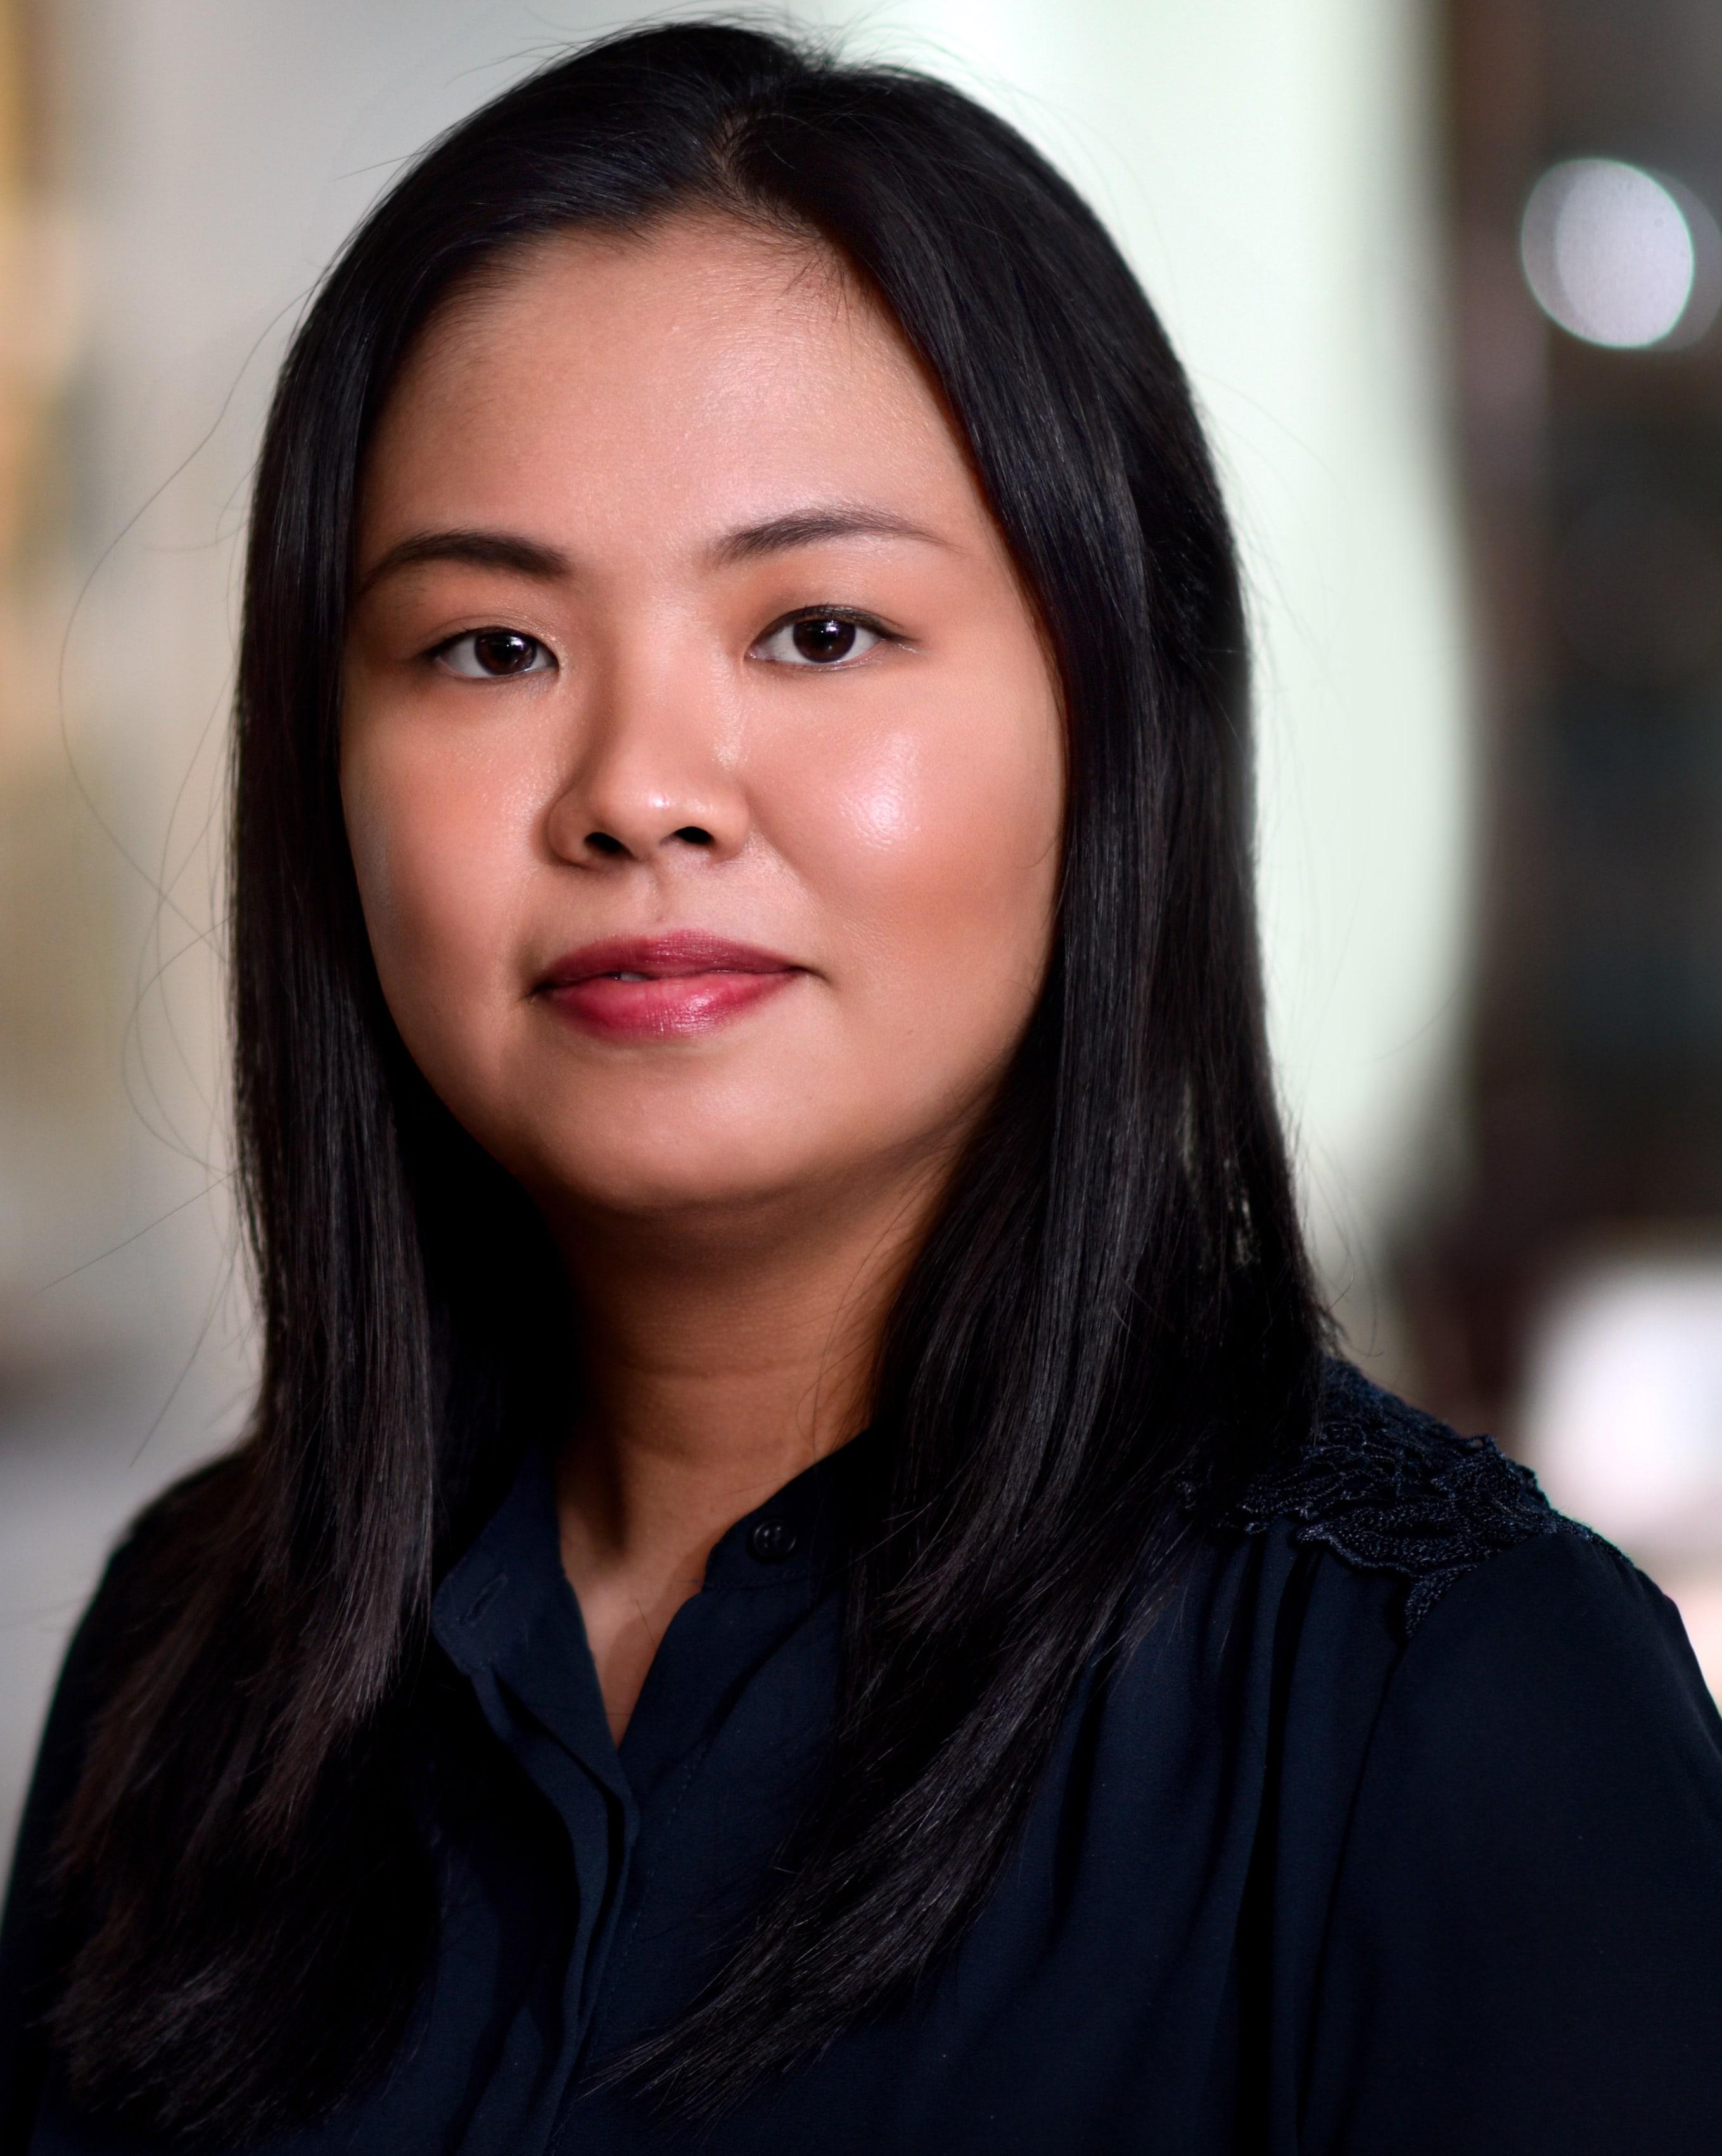 Karen Phaik Har Lim